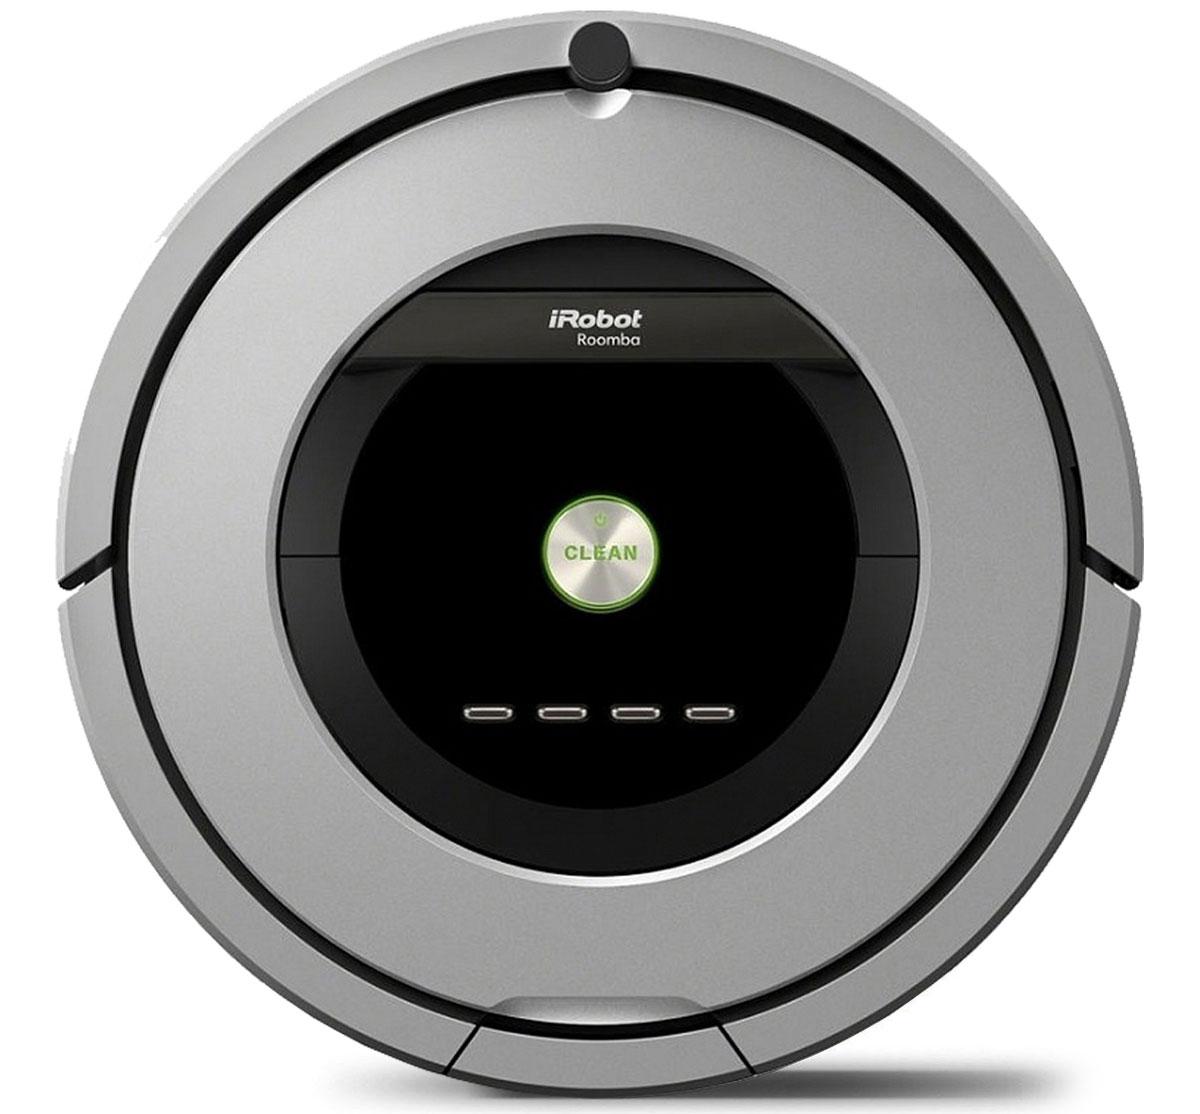 iRobot Roomba 886 робот-пылесосRoomba 886Roomba 886 - это 8 поколение роботов-пылесосов компании iRobot, в котором реализована передовая система сбора мусора и грязи AeroForceTM.Это означает, что робот убирается еще тщательнее, а обслуживание чистящего модуля стало совсем легким. Roomba 886 комплектуется аккумулятором повышенной емкости с увеличенным вдвое ресурсом. Контейнер мусоросборника оснащен HEPA-фильтром.Когда вы впервые смотрите на Roomba серии 800, скользящий по вашему дому и оставляющий за собой только идеально чистые, сияющие свежестью полы, вы можете удивиться, как ему удается достигать таких потрясающих результатов. Вот, что на самом деле происходит внутри его стильного глянцевого корпуса.Система AeroForce лежит в основе Roomba серии 800, обеспечивая эффективность, которой нет равных в мире. Эта система сочетает три революционных технологии, которые позволяют достичь максимального уровня чистоты, одновременно снижая потребность в обслуживании робота-пылесоса.1. Система резиновых валиков со скребками и защитой от спутывания AeroForce Extractors. Бесщеточные резиновые валики, вращающиеся навстречу друг другу, собирают мусор и пыль. Они просты в обслуживании.2. Усилитель воздушного потока. Увеличенная в несколько раз сила всасывания - результат усиления воздушного потока между мусоросборником AeroForce Extractors и изолированным каналом.3. Высокоэффективный пылесос.Разработанный специально для того, чтобы обеспечивать максимальную силу всасывания и оптимальную эффективность уборки в сочетании с новым аккумулятором iRobot XLife.Как выбрать робот-пылесос. Статья OZON Гид